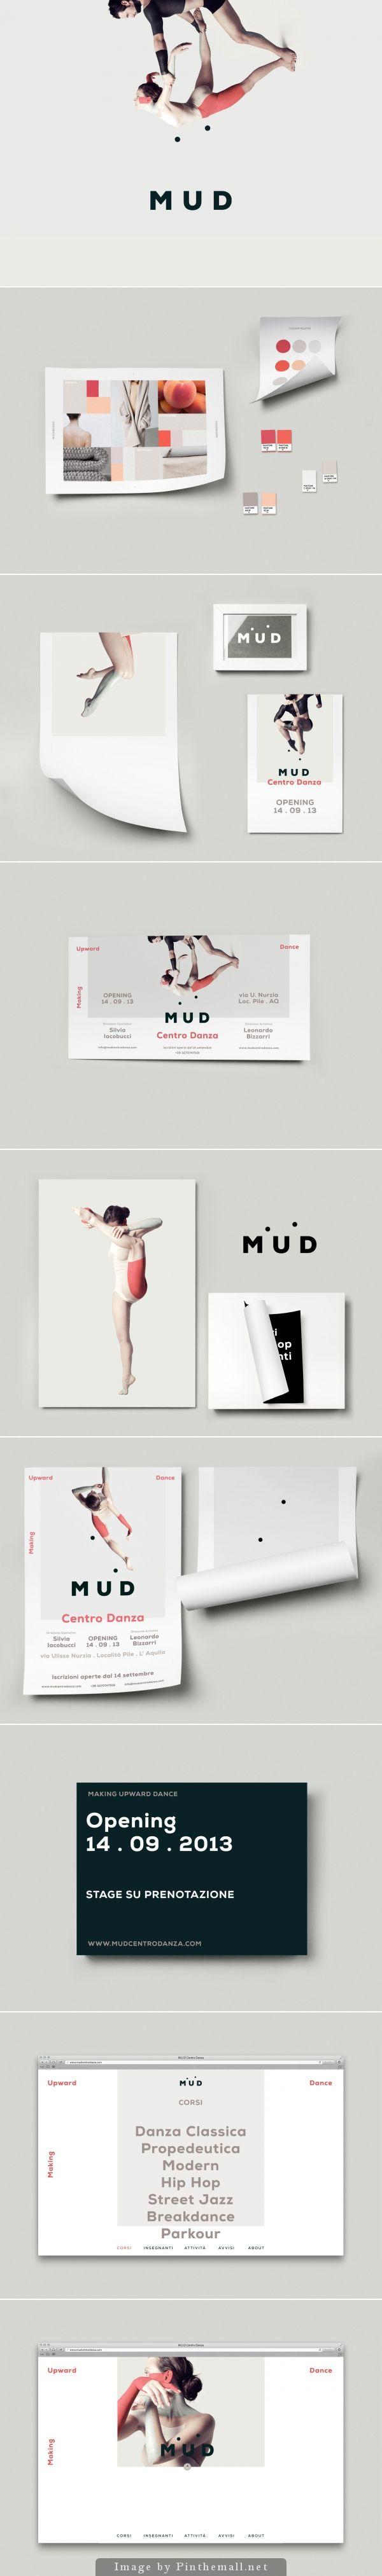 M.U.D #webdesing #inspiration #web #design #ui #ux #branding #logotype